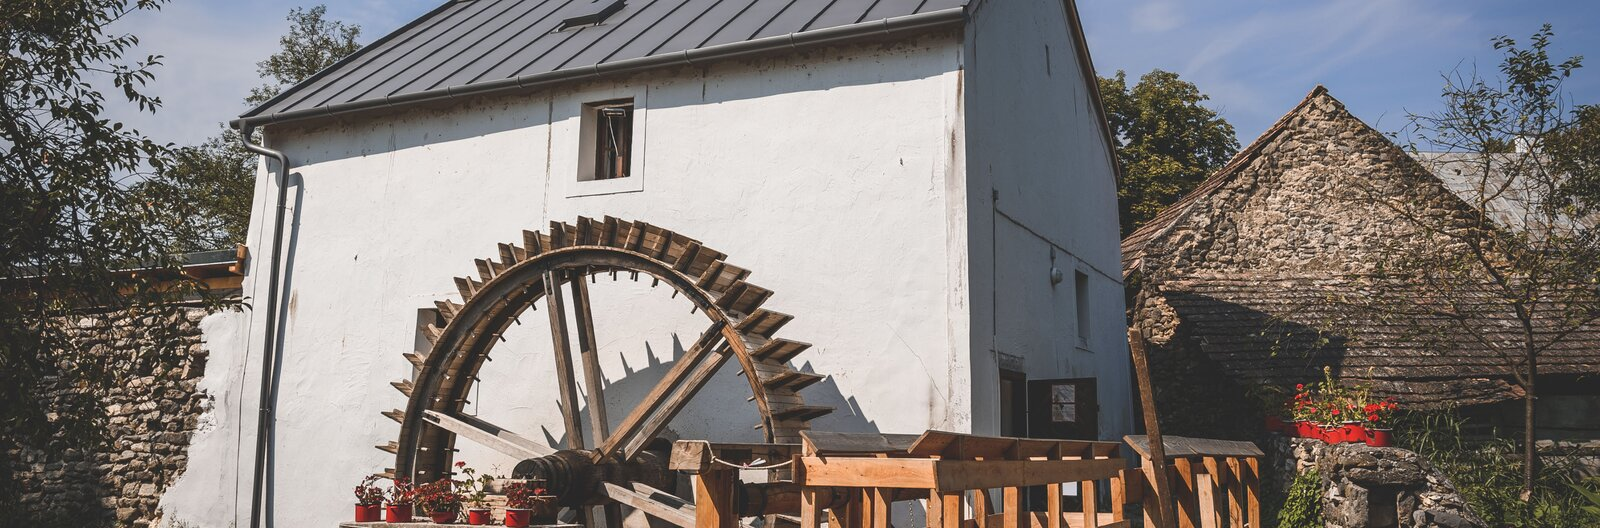 8 hely a Balatonnál, ahol még ma is forognak a malomkerekek